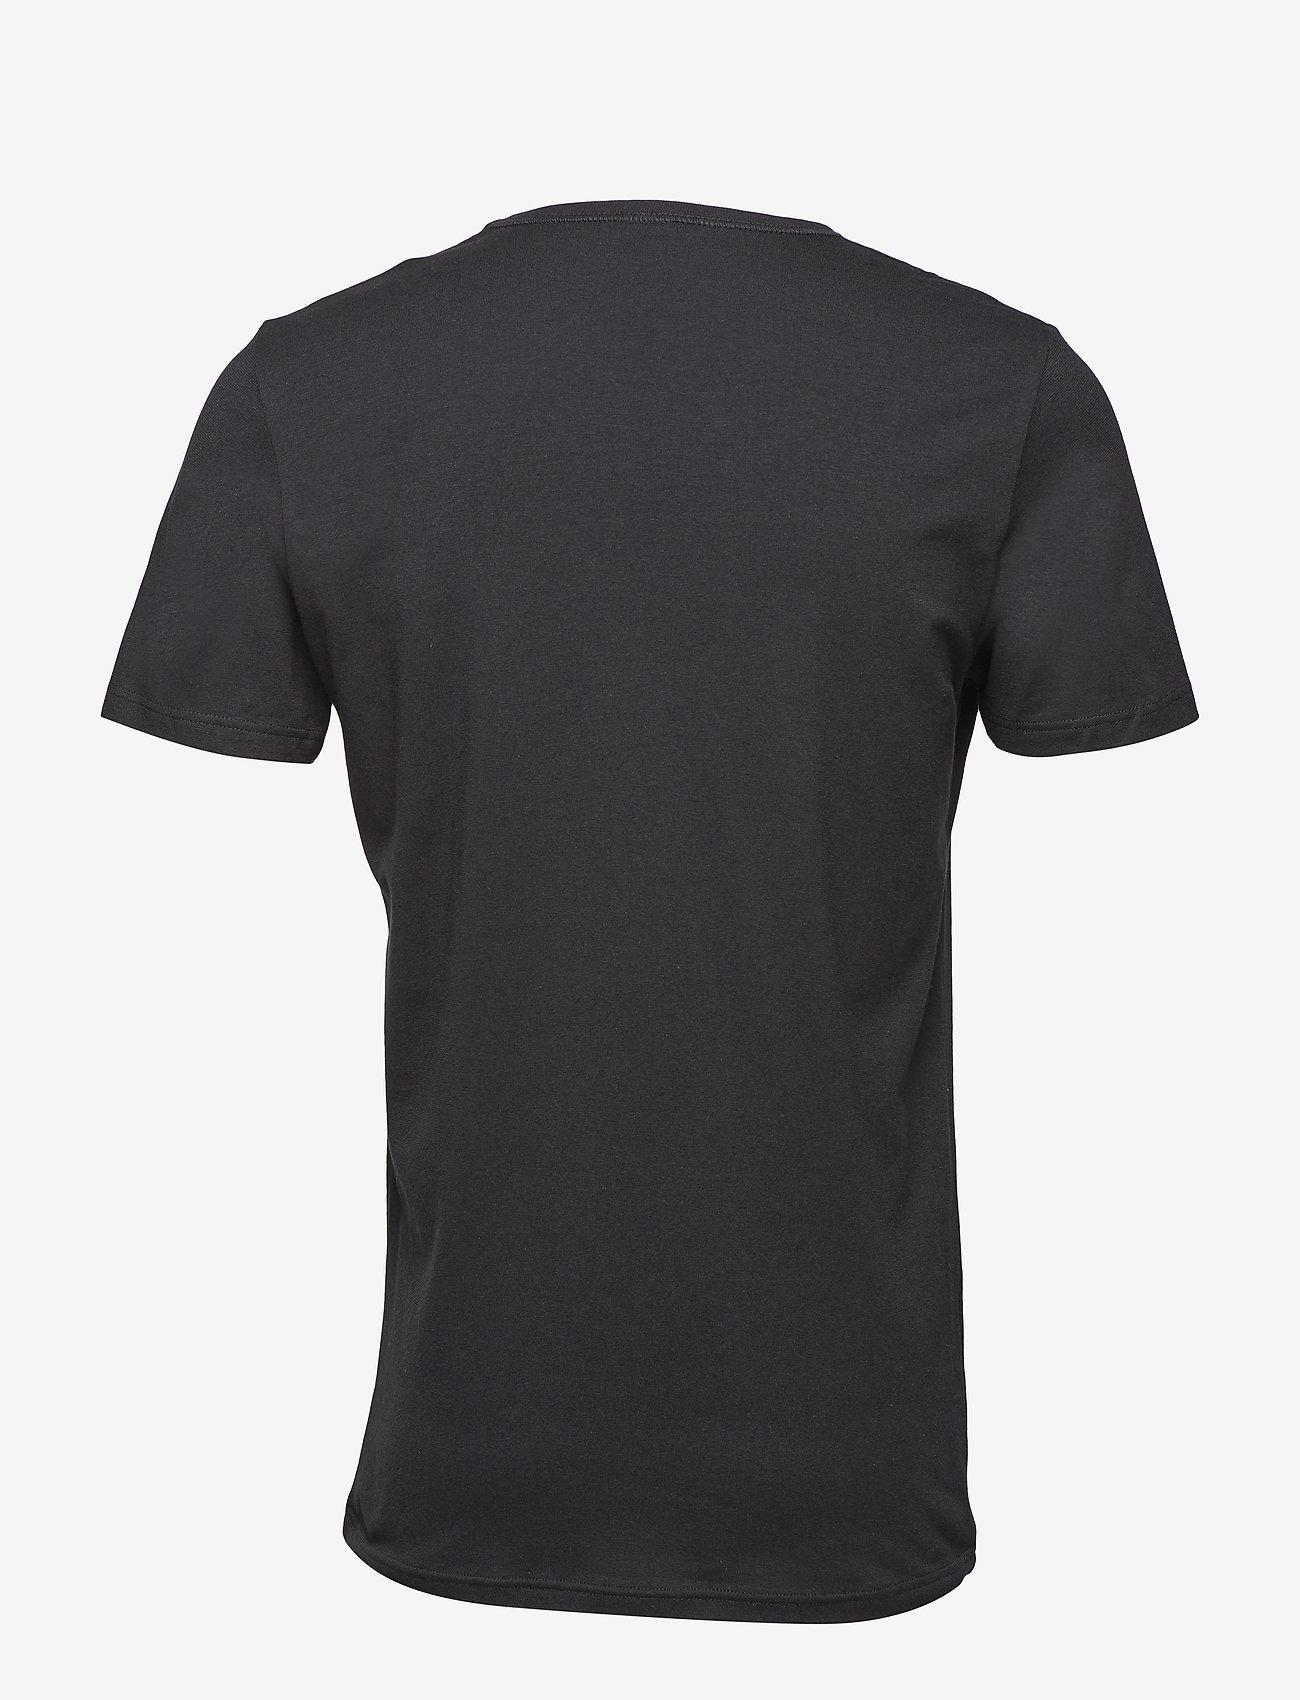 JBS JBS t-shirt O-neck - T-skjorter BLACK - Menn Klær